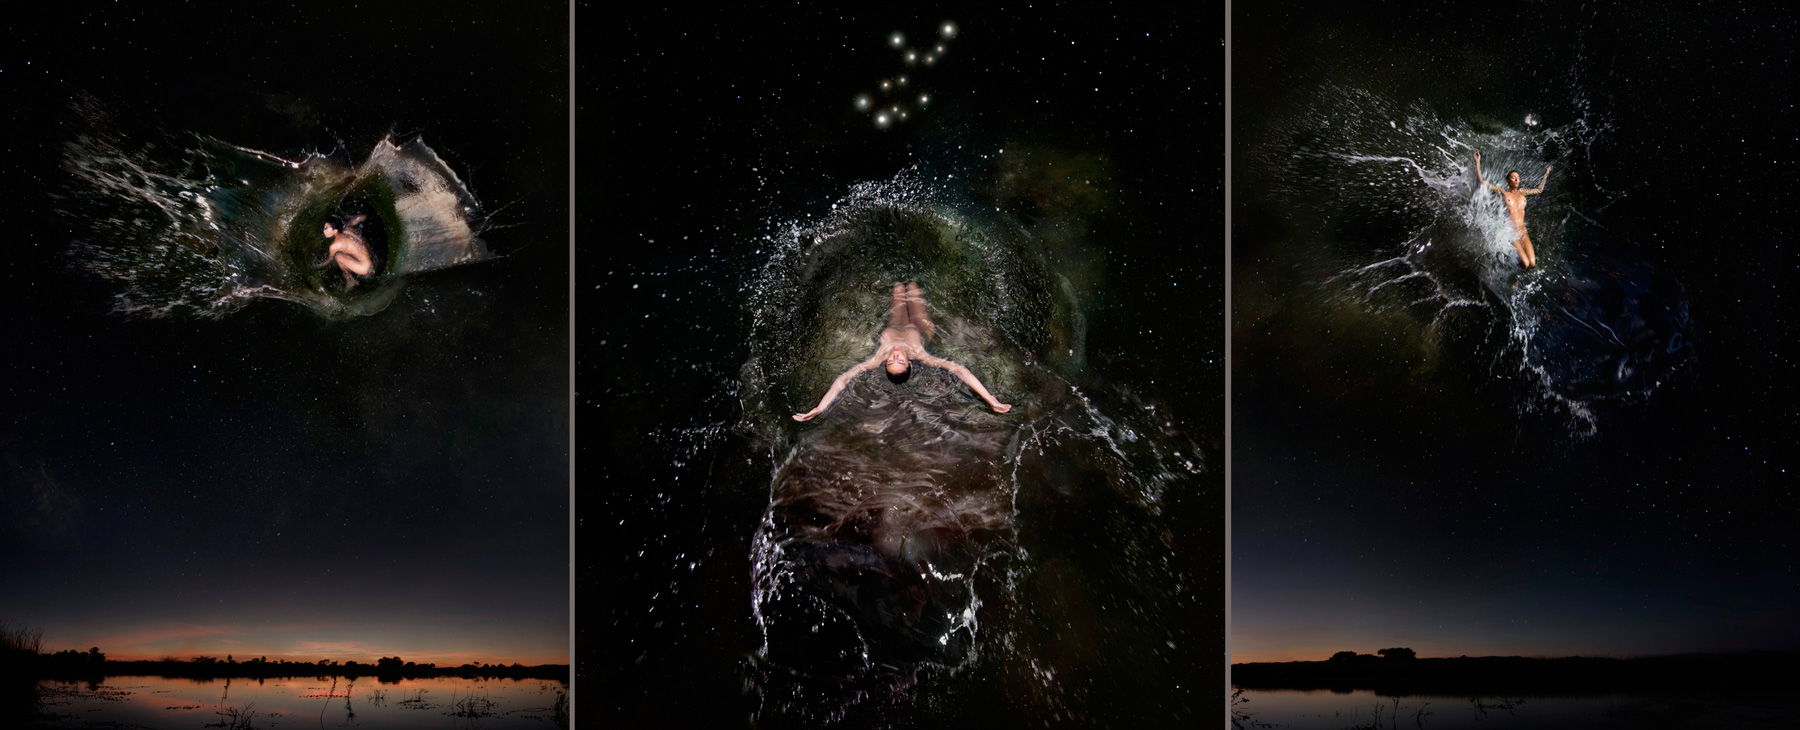 EUFONÍA de la Constelación de VIRGO. Fotografía digital nocturna y acuática. Configuración y retoque digitales